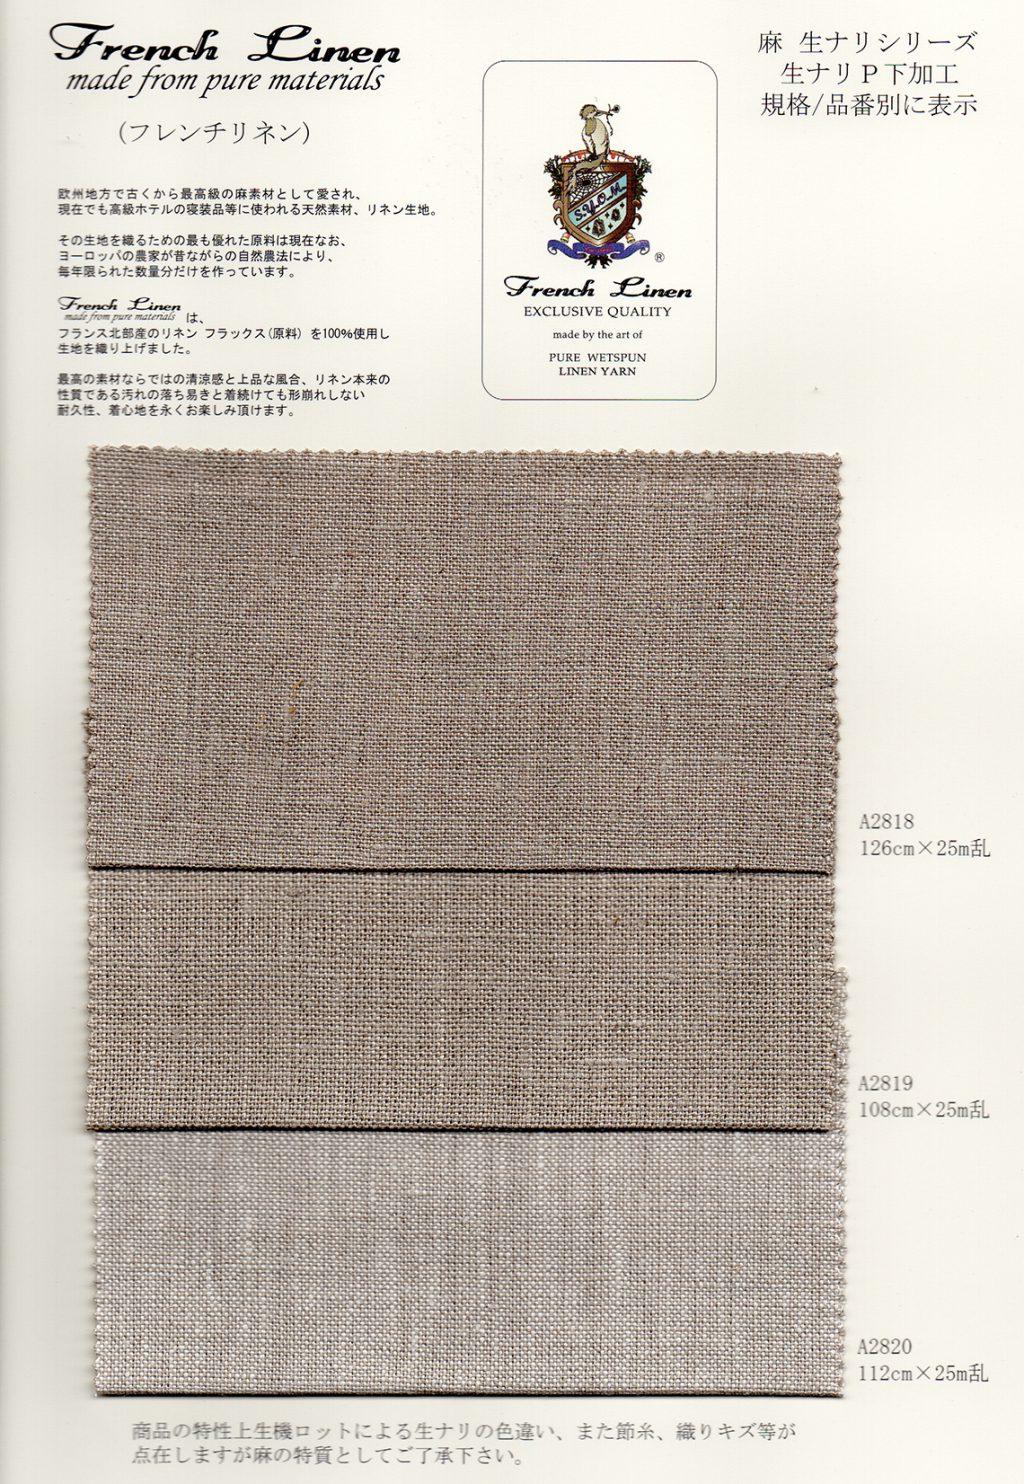 French Linen フレンチリネン【麻 生ナリシリーズ】